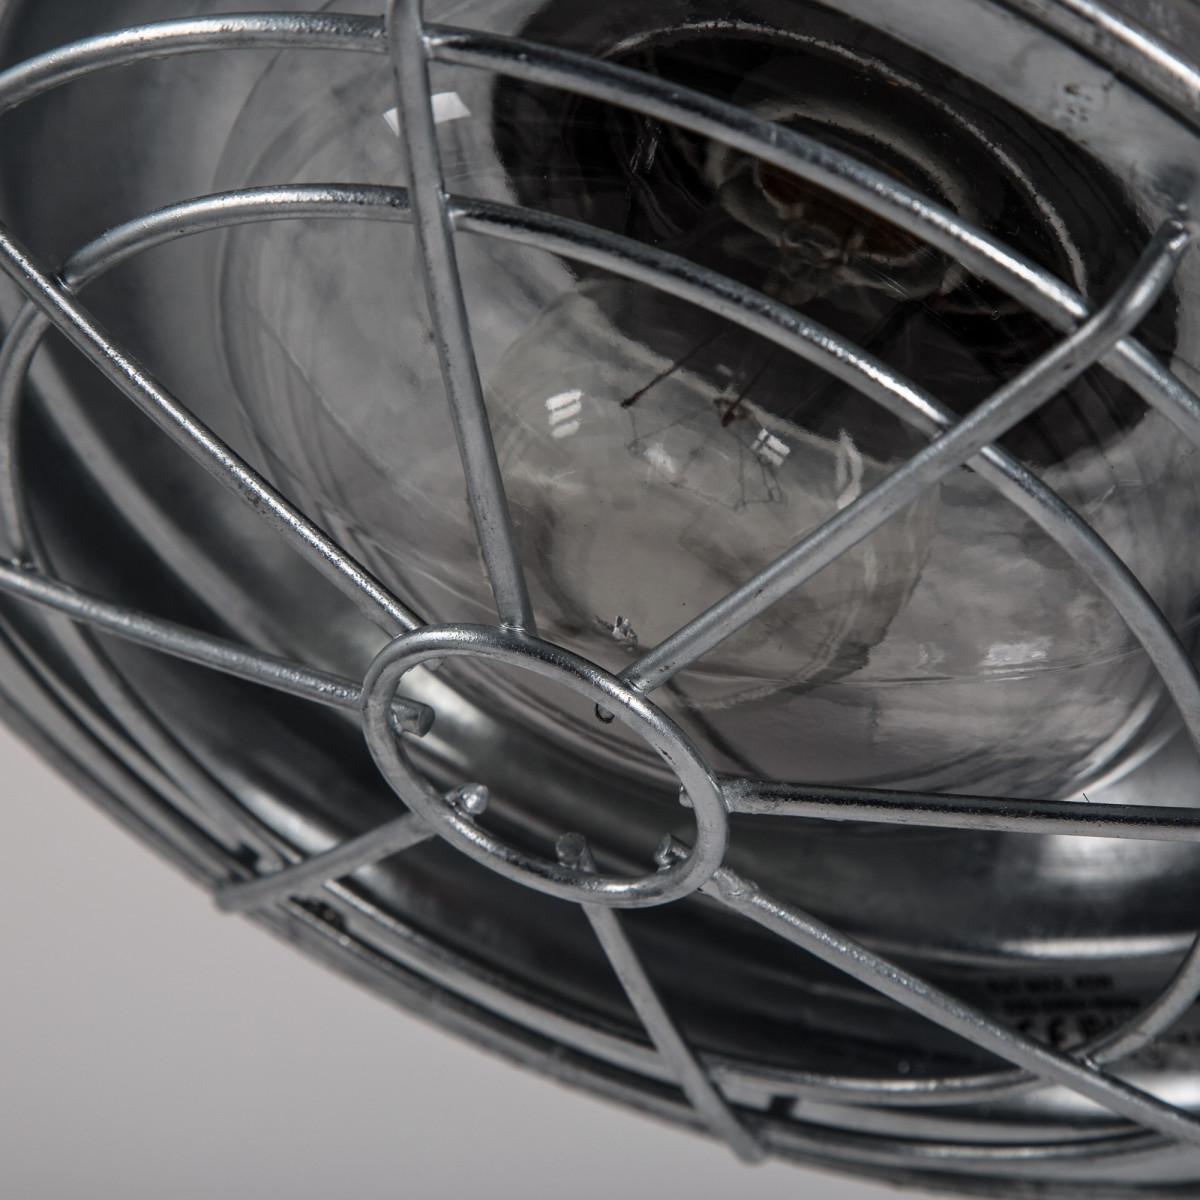 buitenverlichting, moderne wandverlichting, type stallamp, vervaardigd van verzinkt staal voorzien van een raster aan de onderzijde, trendy muurlamp voor buiten